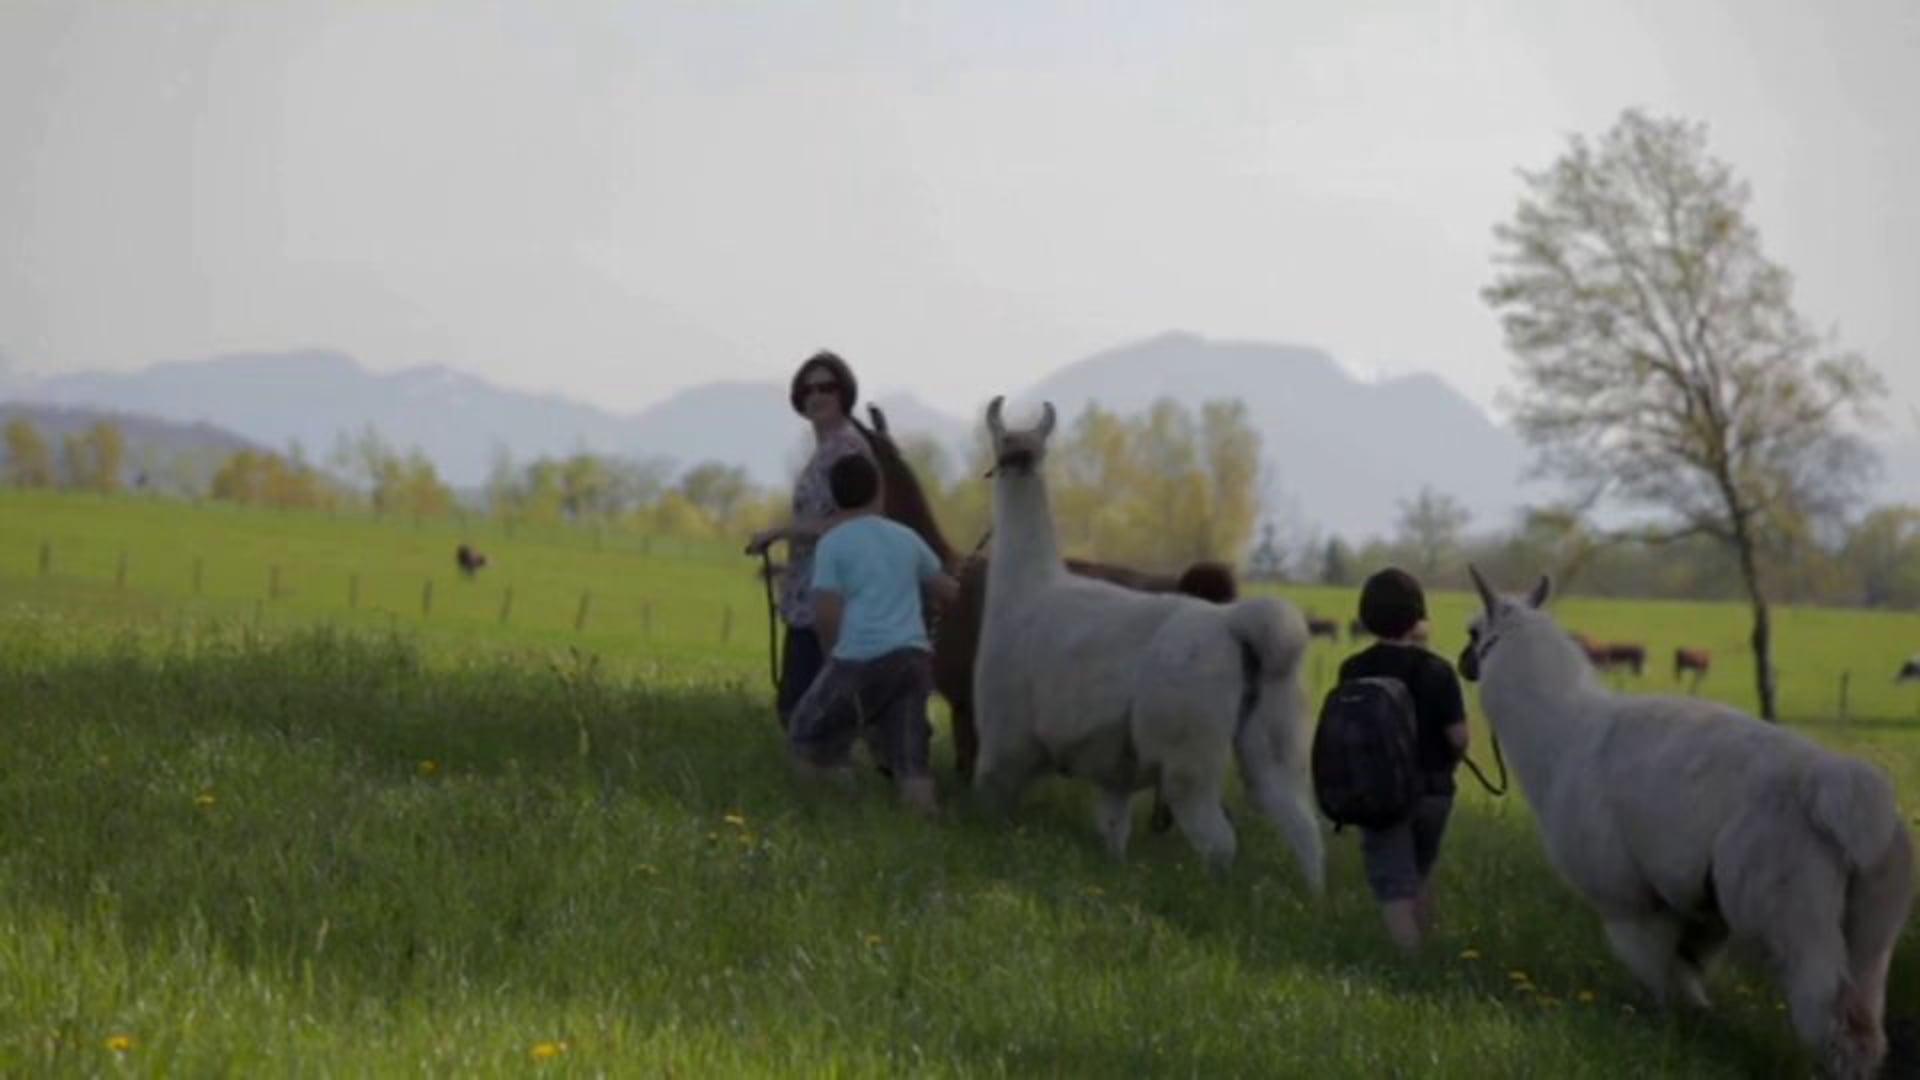 Haute-Savoie – Les etangs de Crosagny et les lamas de Salagine – Nathalie